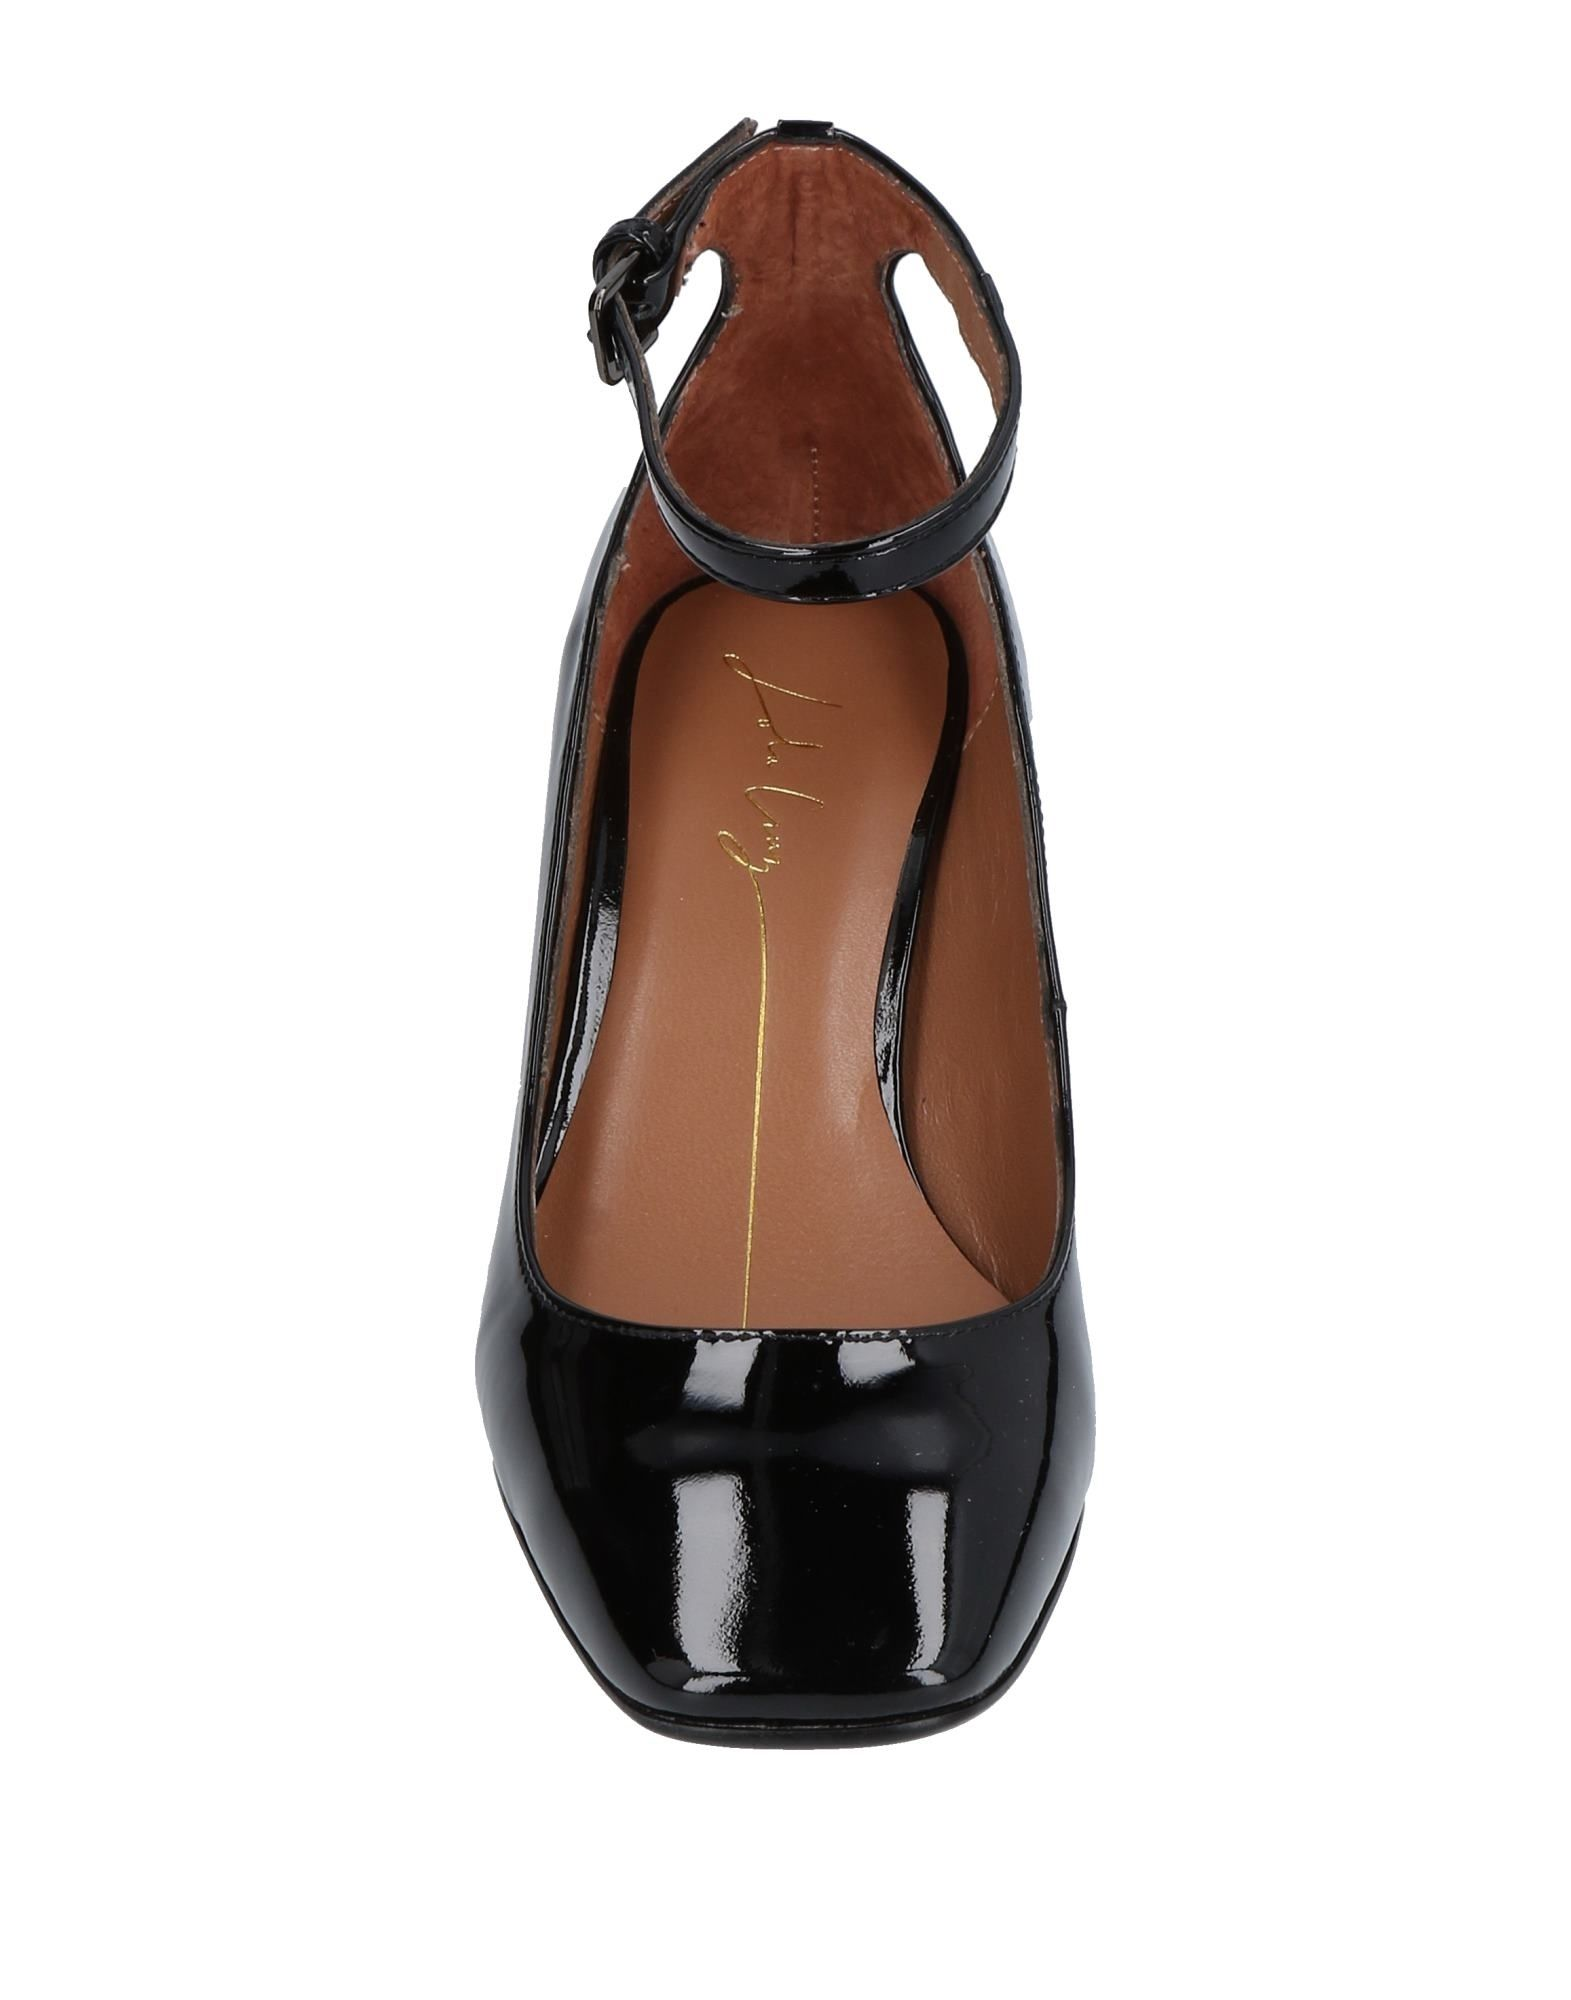 Stilvolle Pumps billige Schuhe Lola Cruz Pumps Stilvolle Damen  11472214EB 9fd737